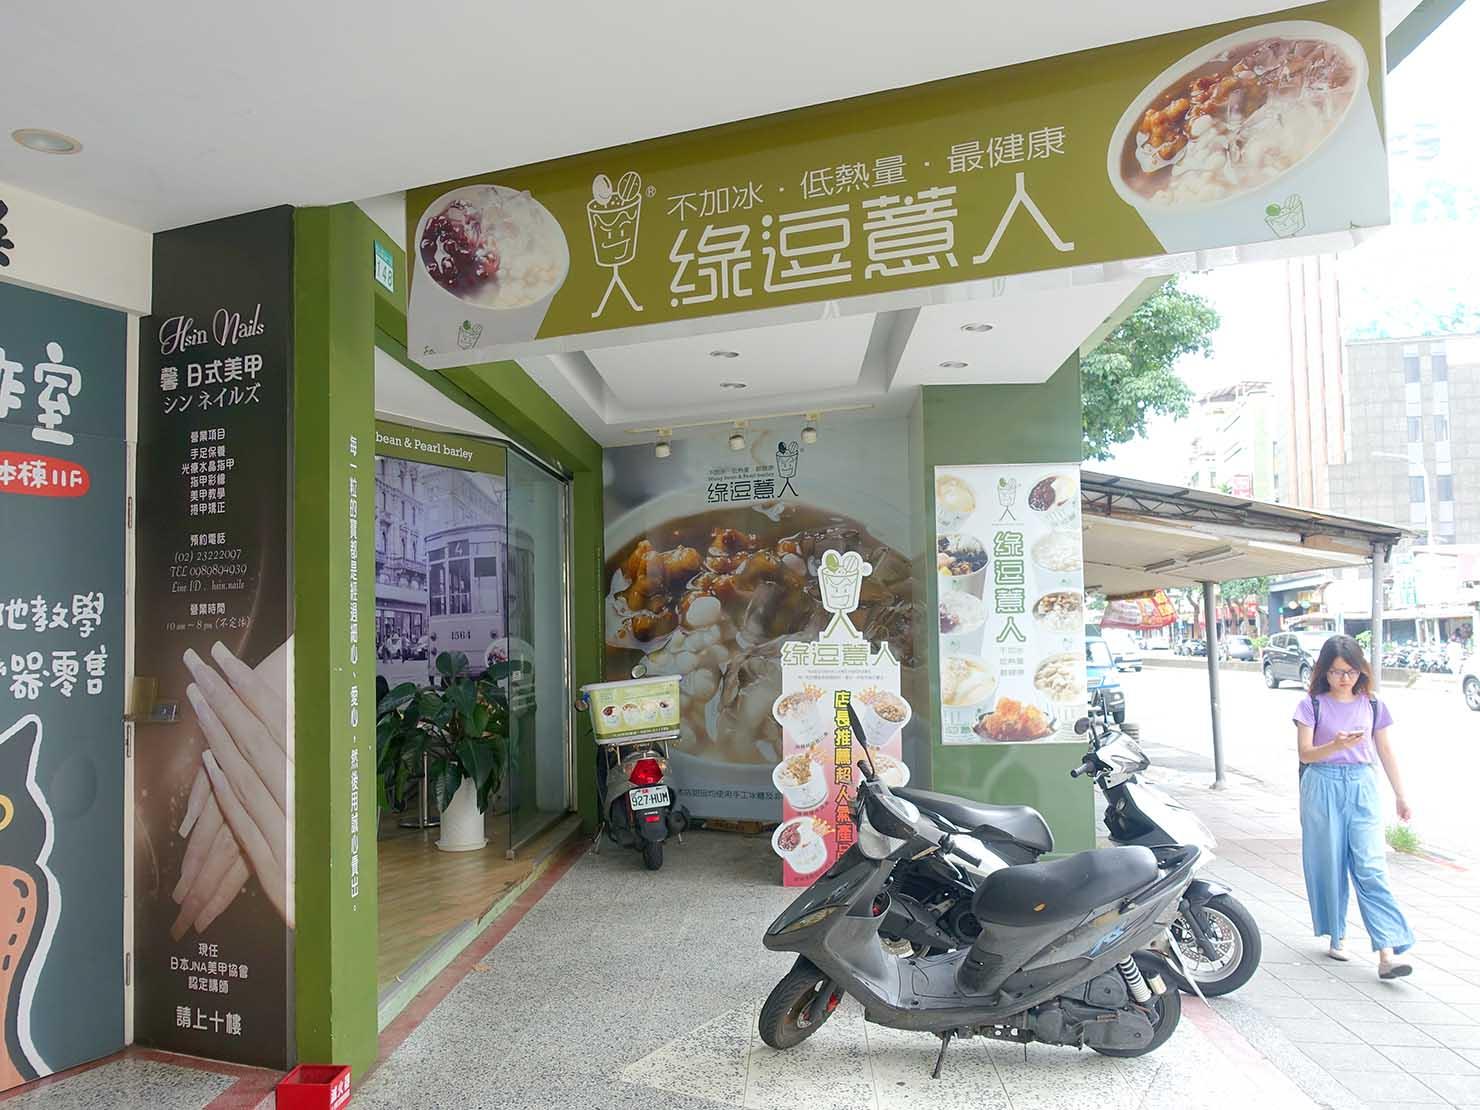 台北・永康街の豆花がいただけるお店「綠逗薏人」の外観